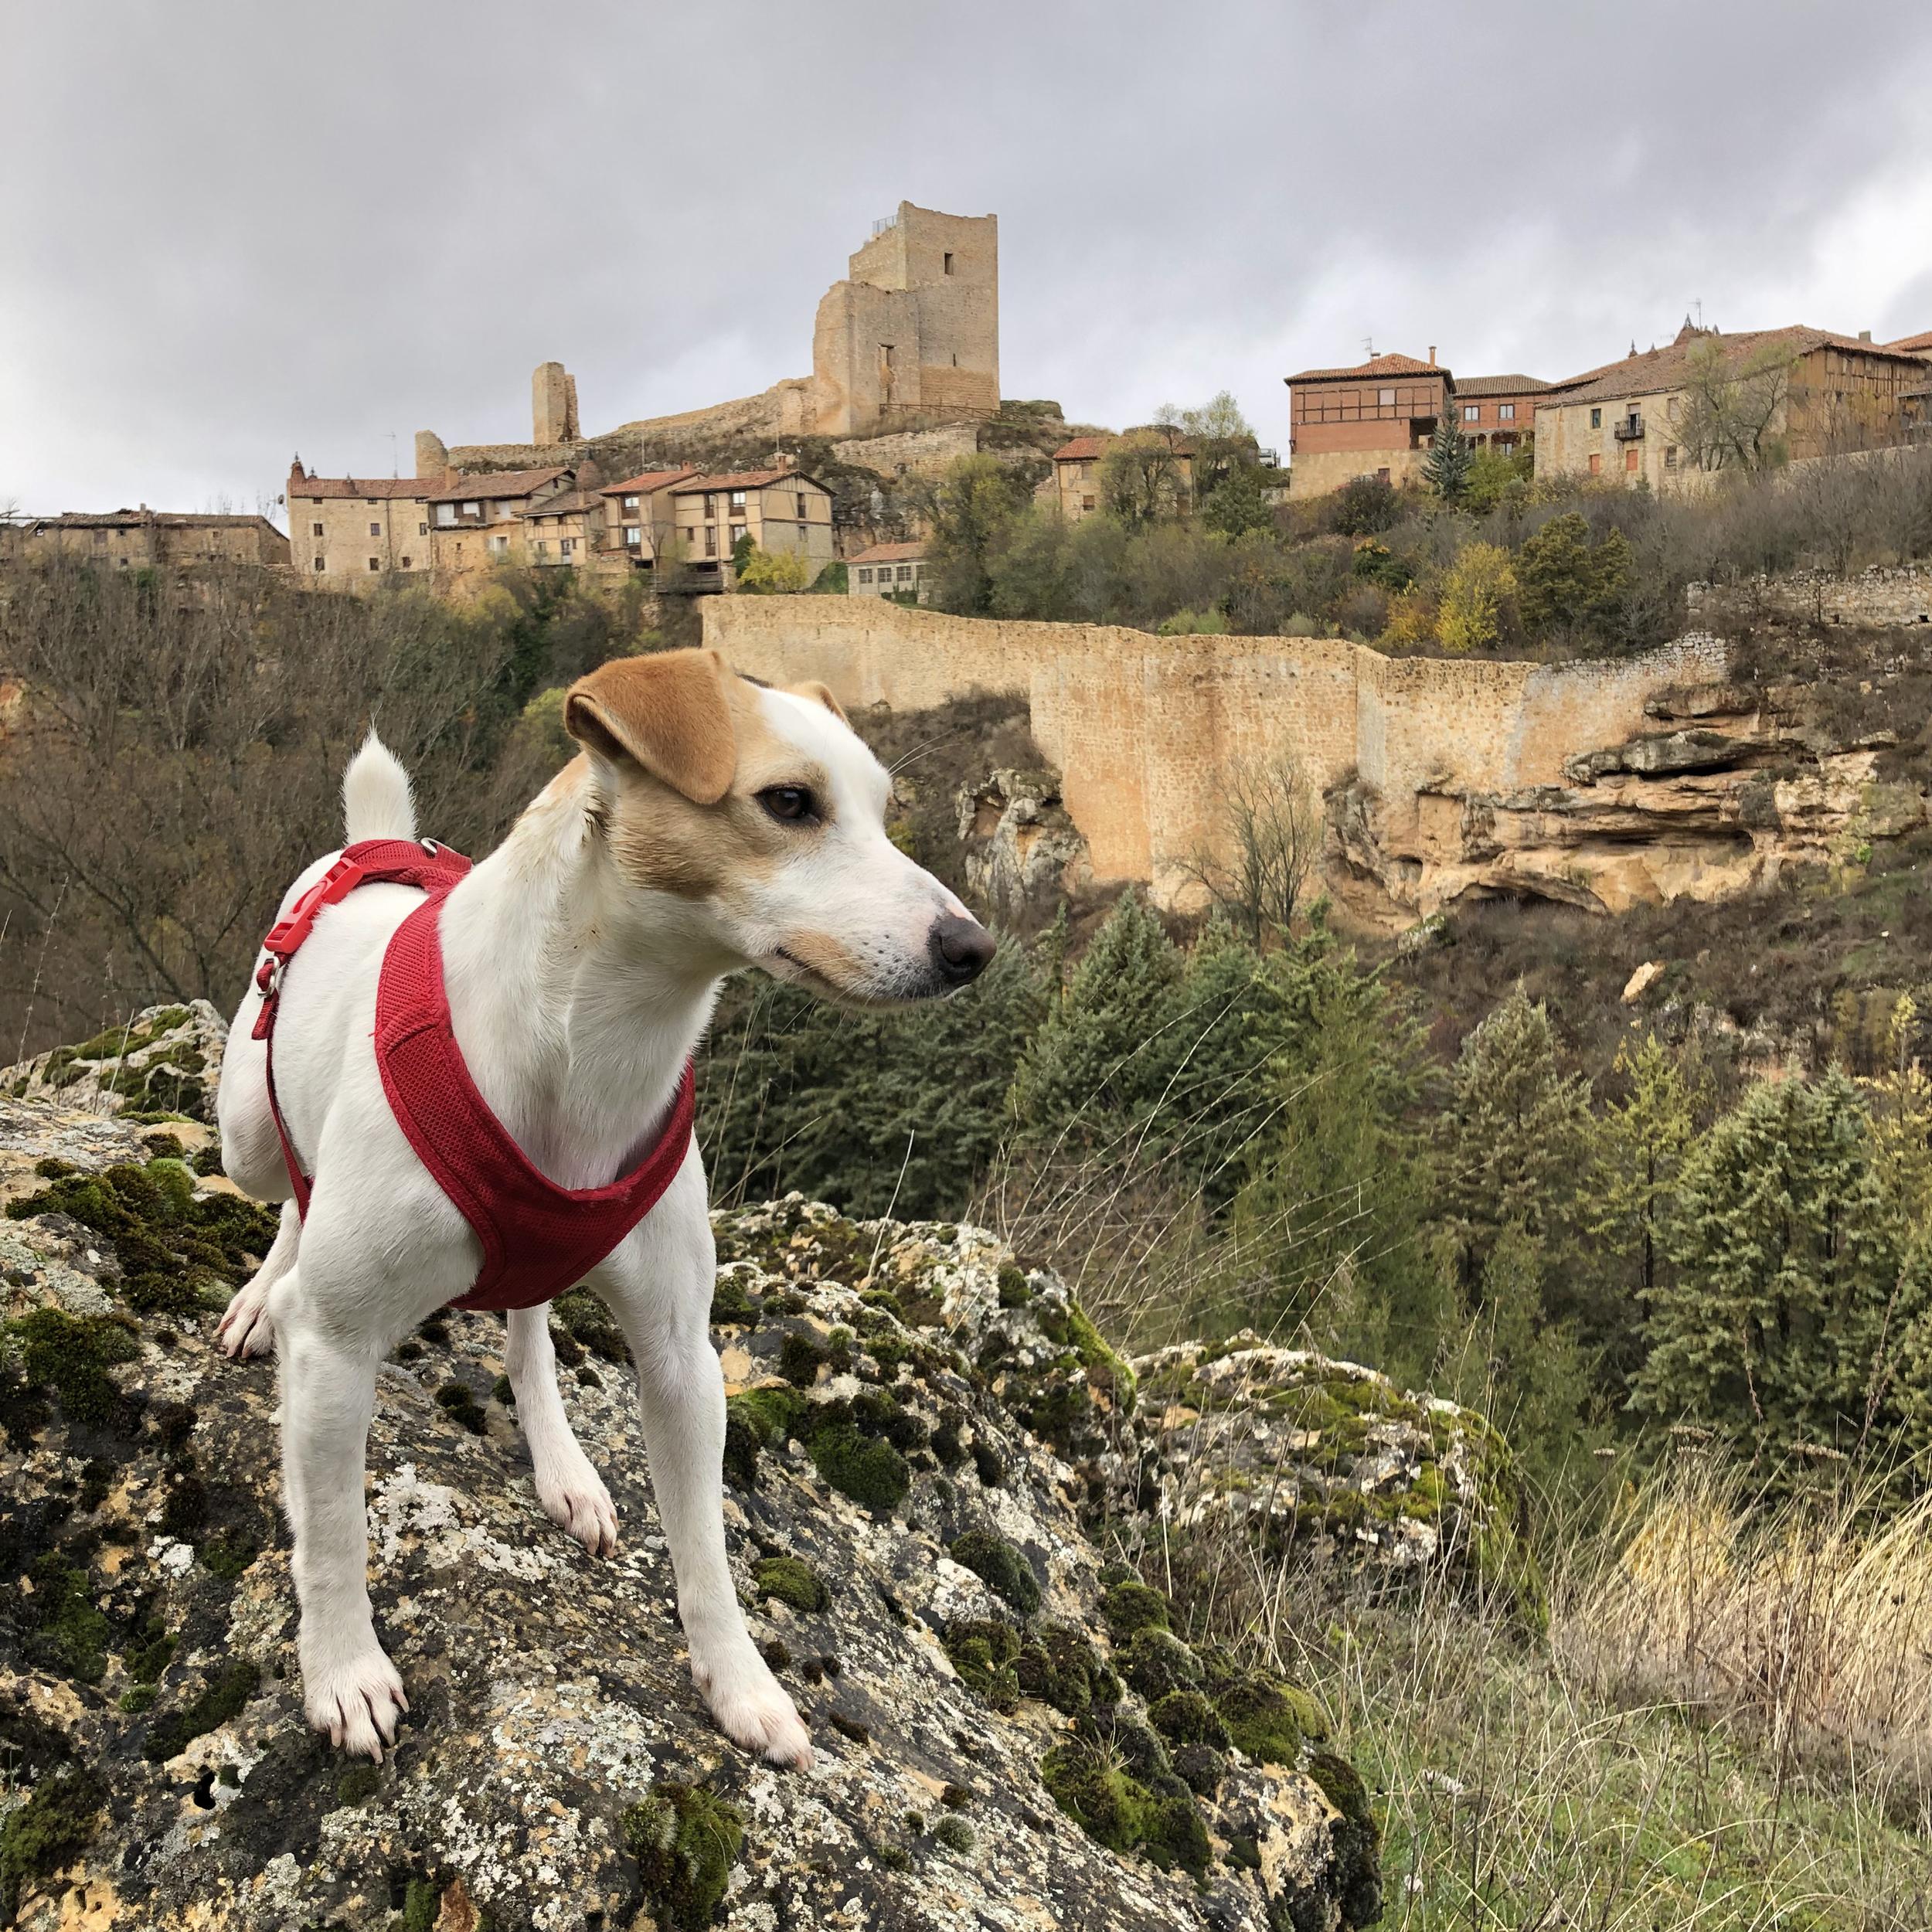 En el pueblo medieval de Calatañazor.